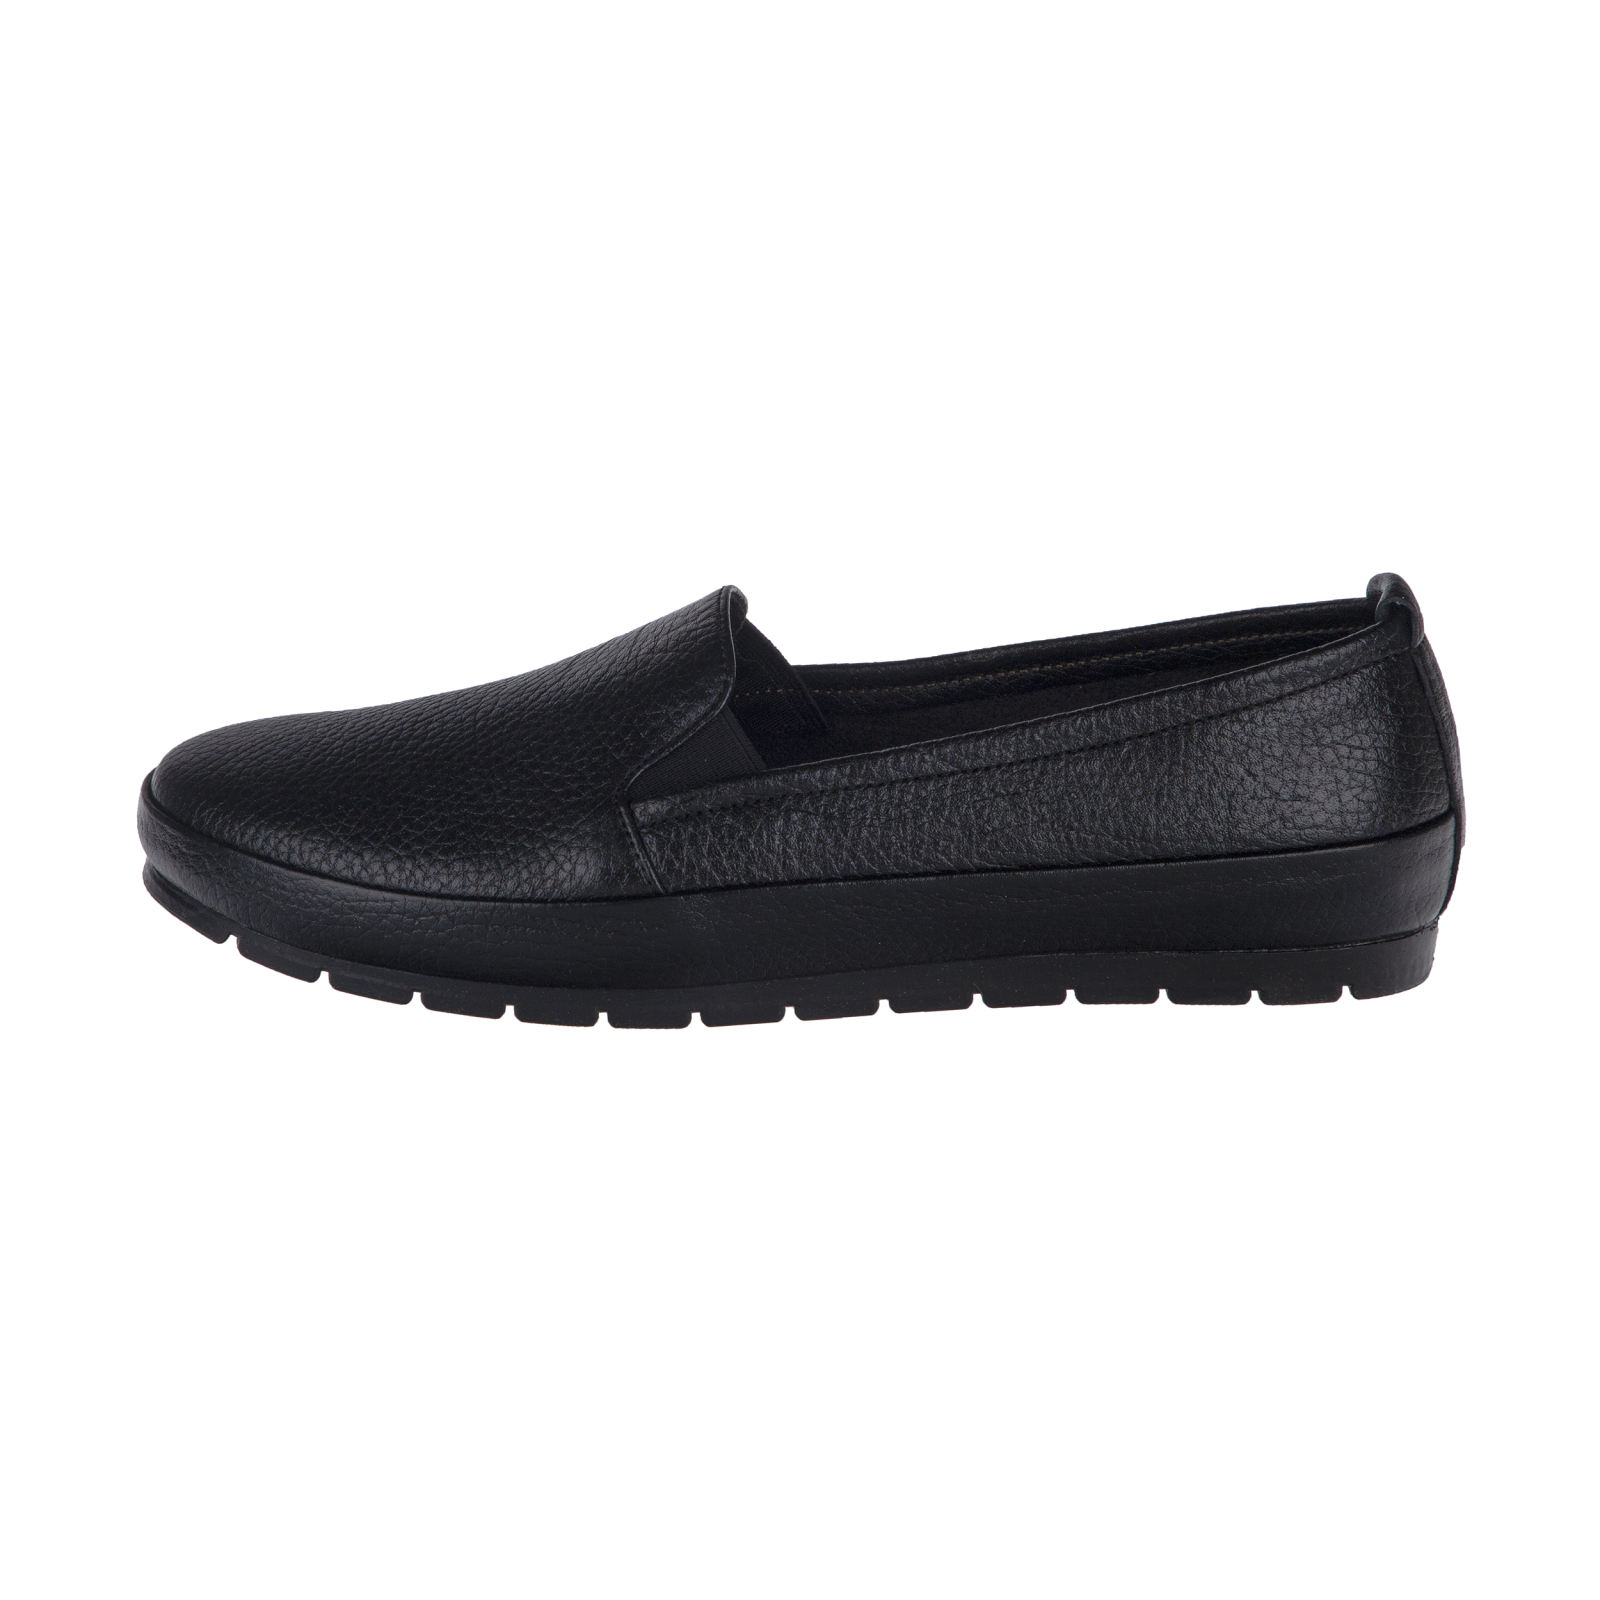 کفش روزمره زنانه بلوط مدل 5313A500101 -  - 2